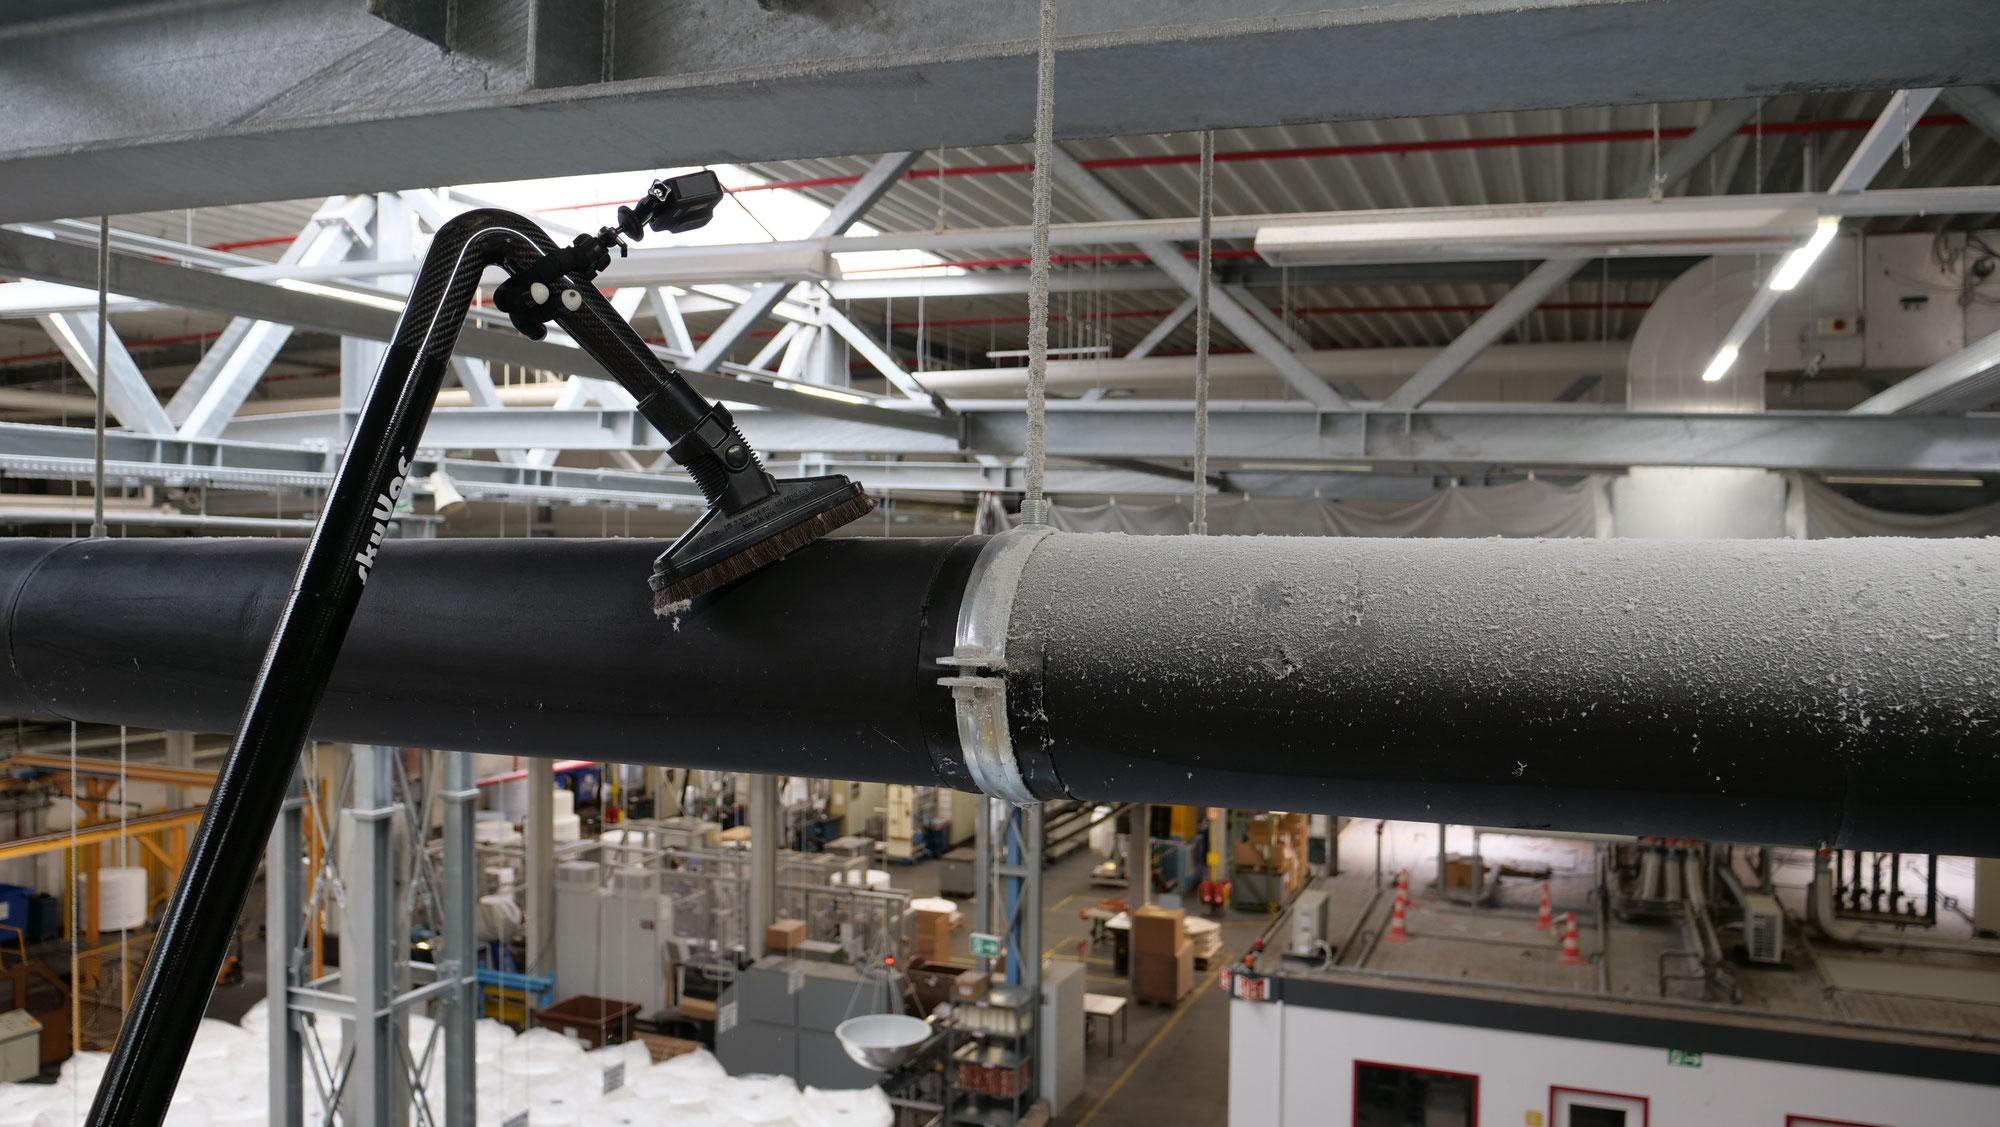 Entstaubung in bis zu 12 Meter Höhe inkl. EX-Schutz - jetzt neu im Programm!